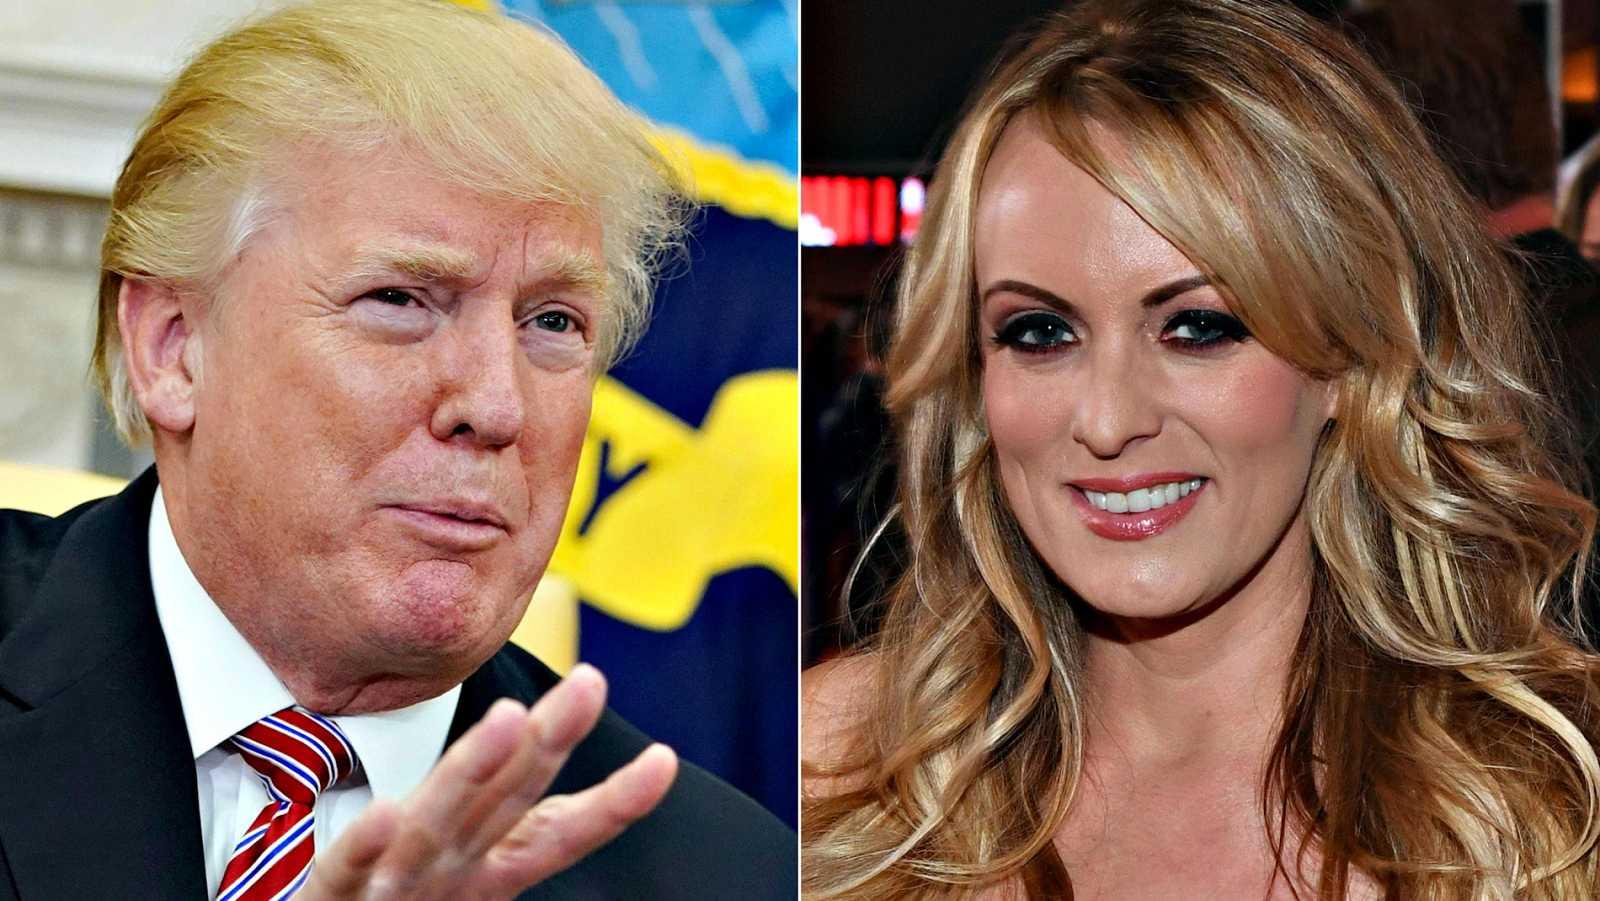 Trump se desdice y admite que sabía que su abogado su abogado pagó a la actriz porno Stormy Daniels por su silencio